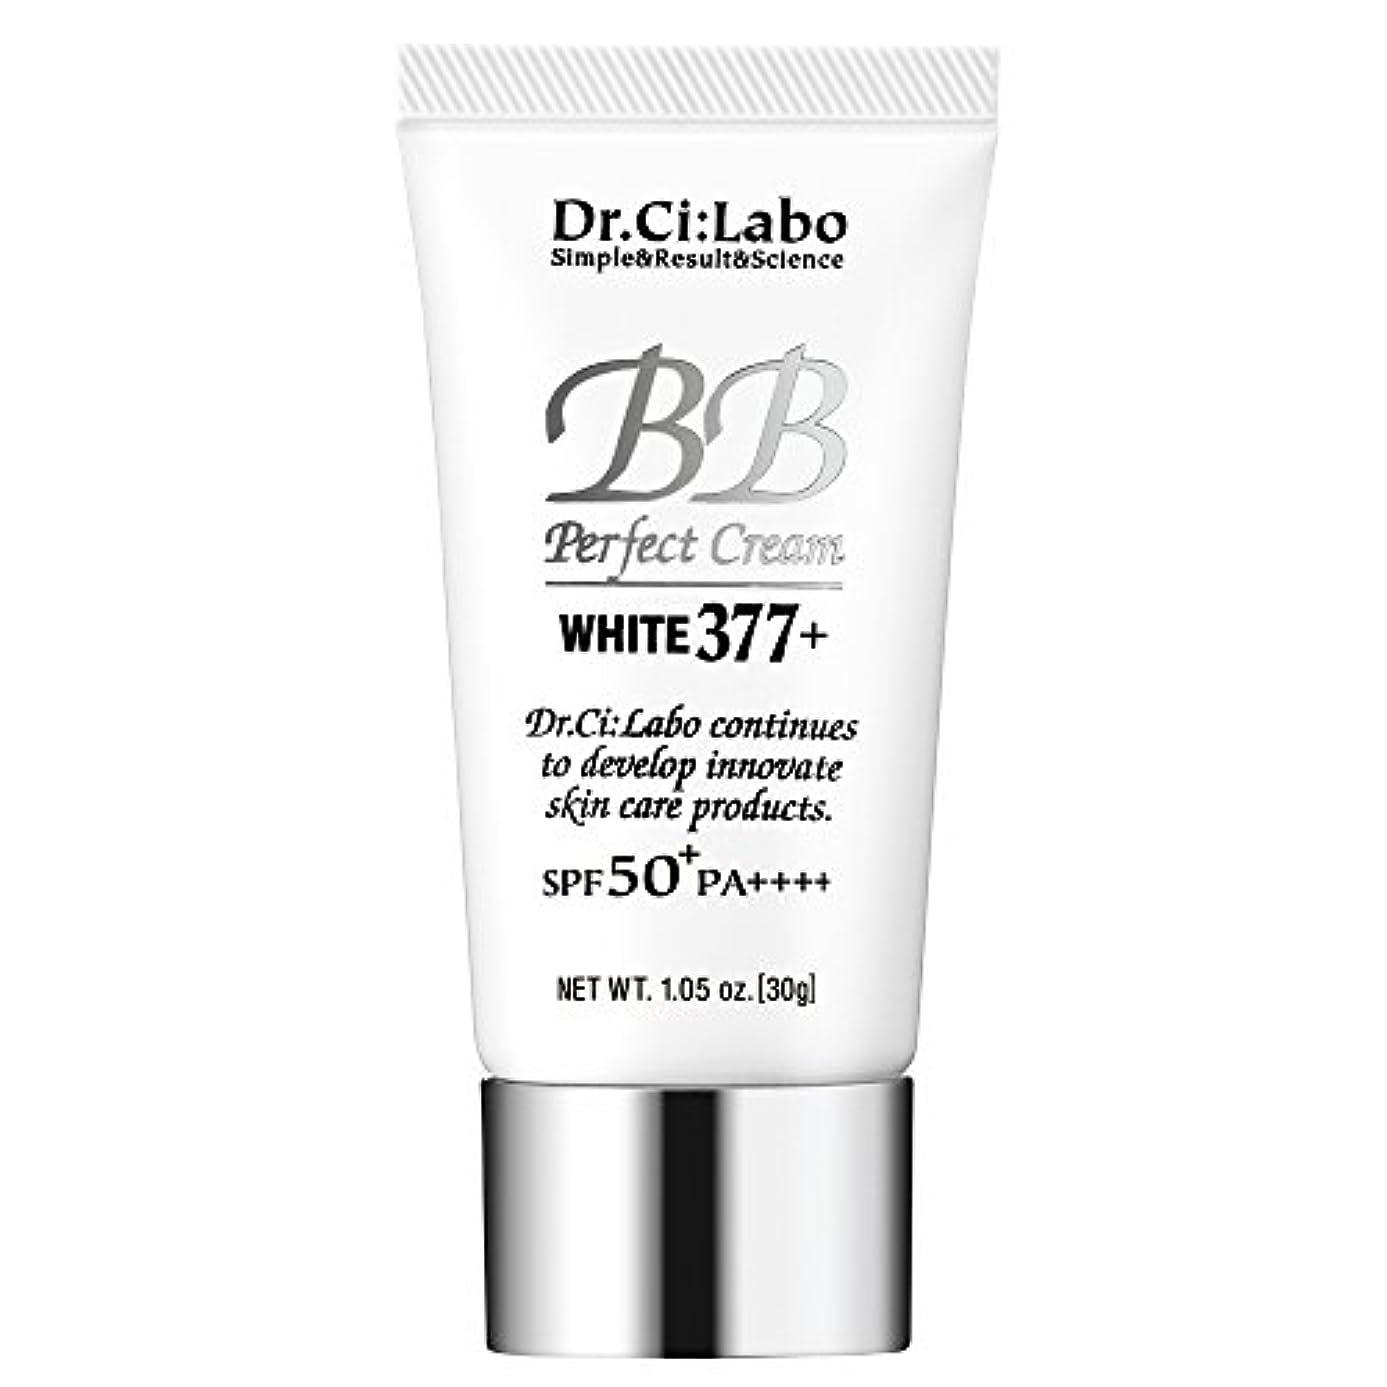 悪化する観点合わせてドクターシーラボ BBパーフェクトクリーム ホワイト377+ 30g 多機能ファンデーション 化粧下地